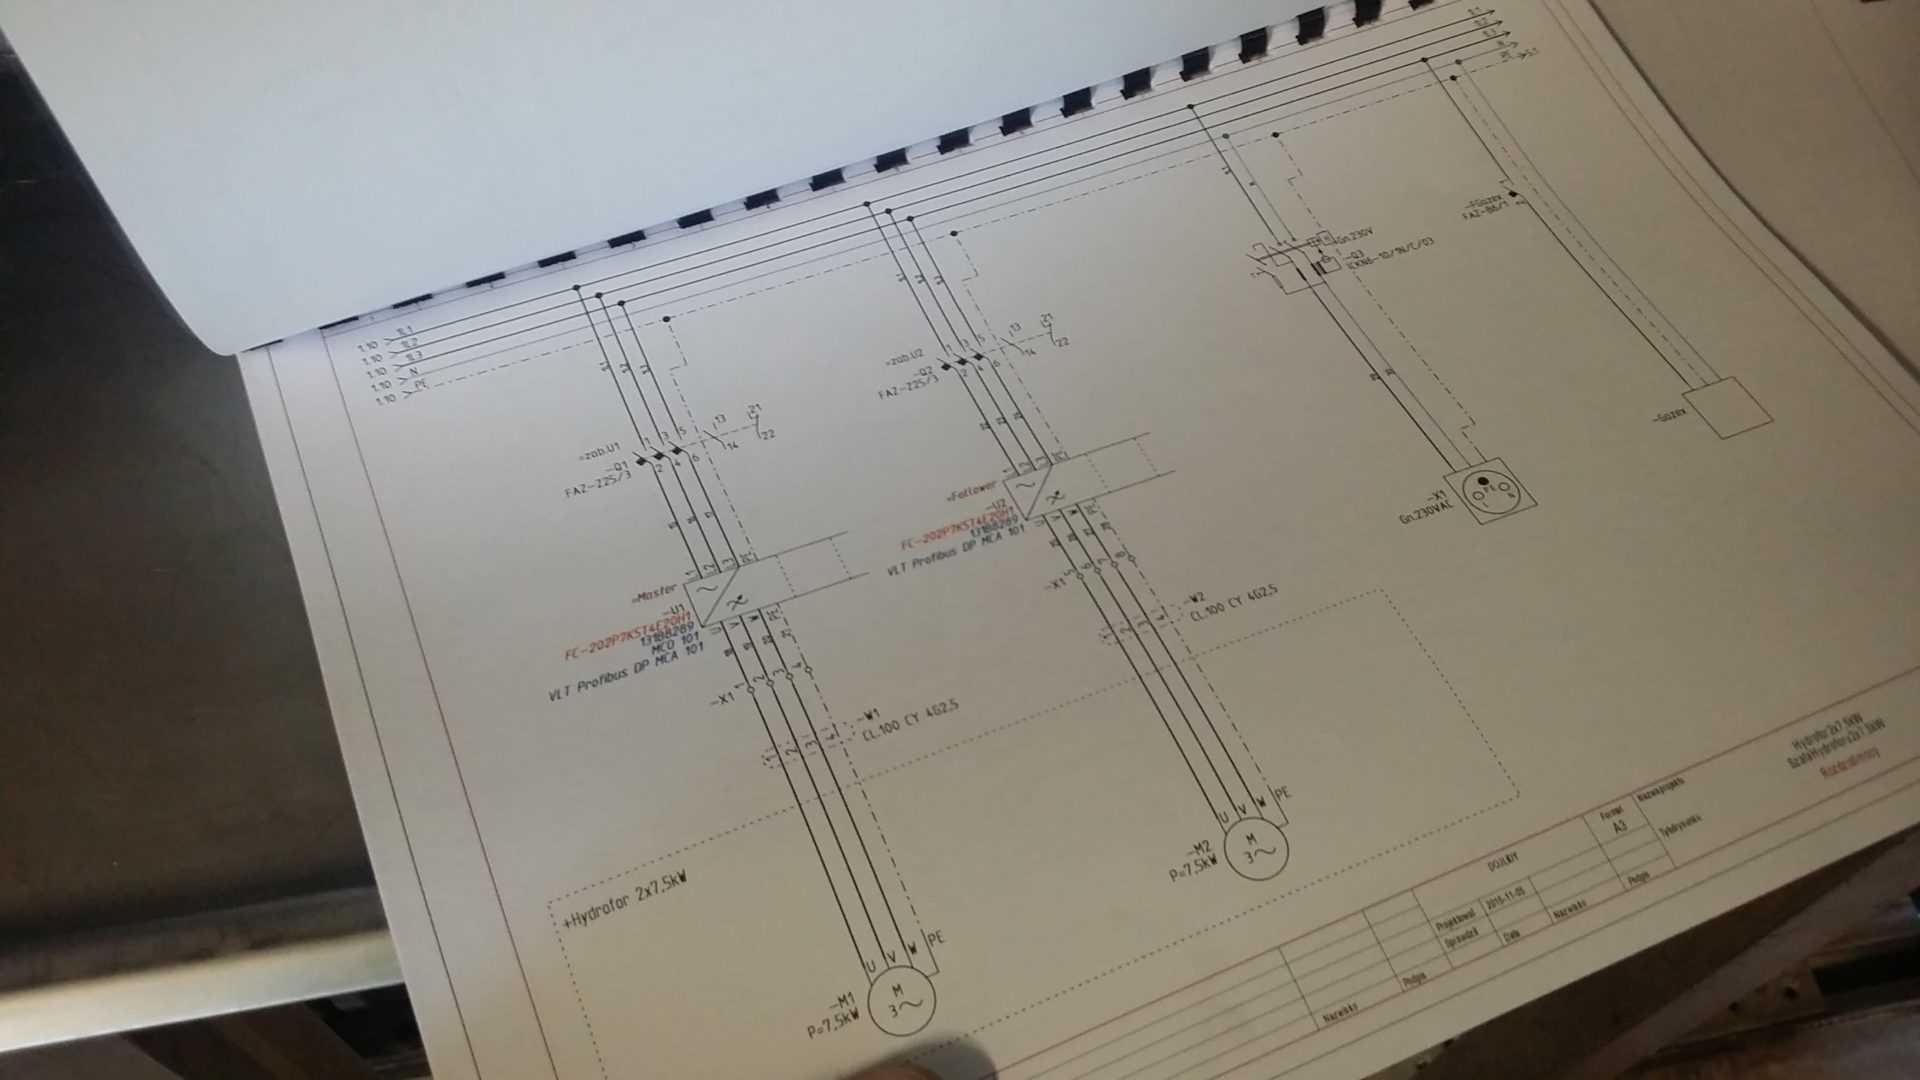 Schemat elektryczny zestawu hydroforowego